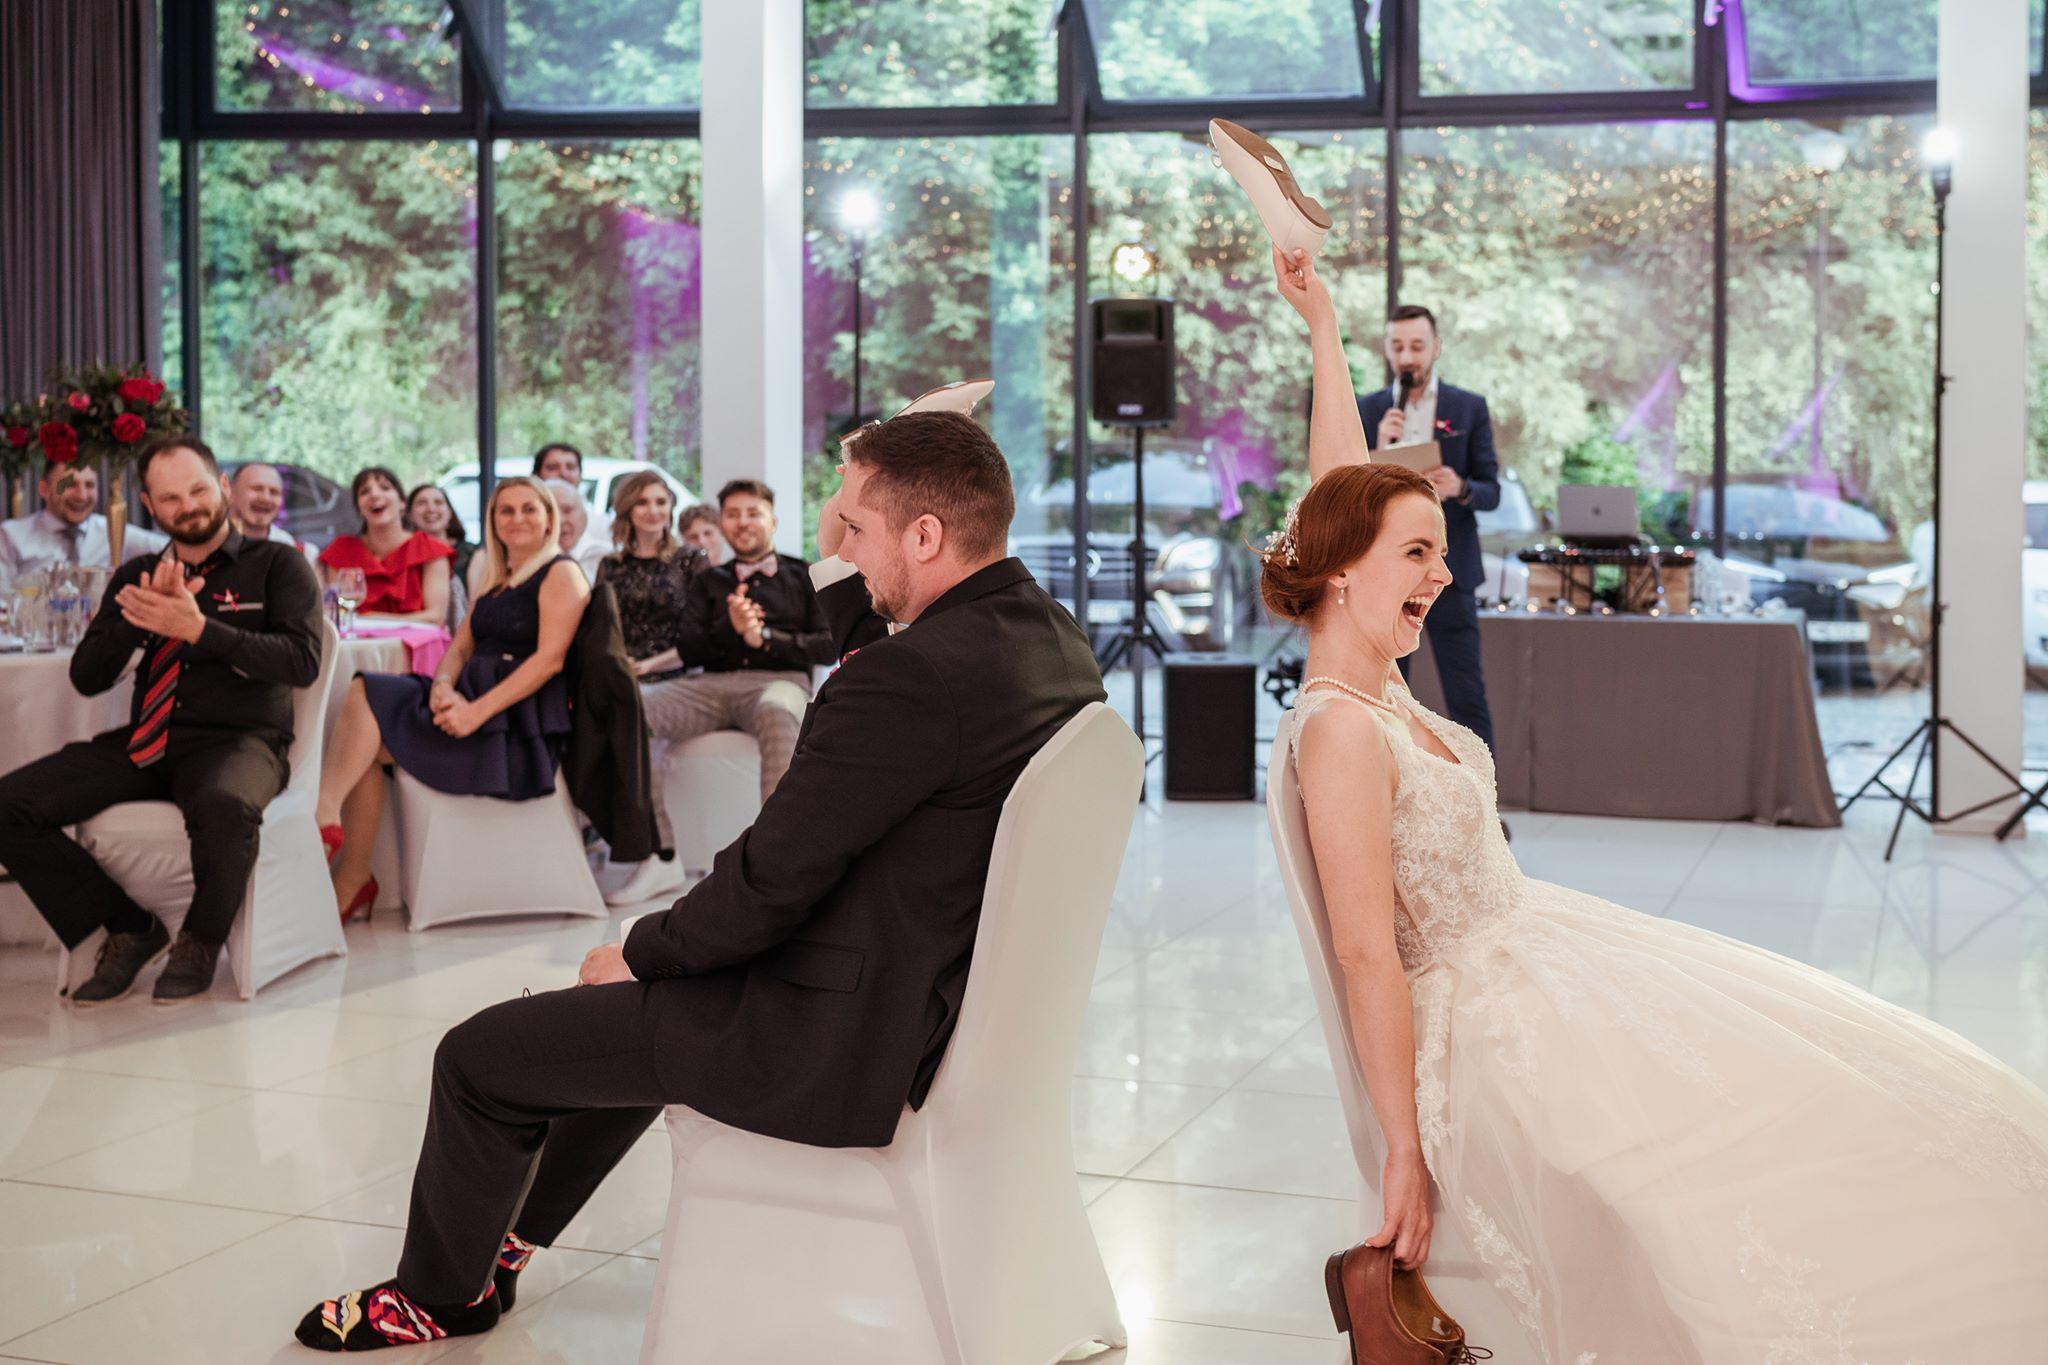 svadobna-hra-svadobny-mladomanzelsky-kvizjpg